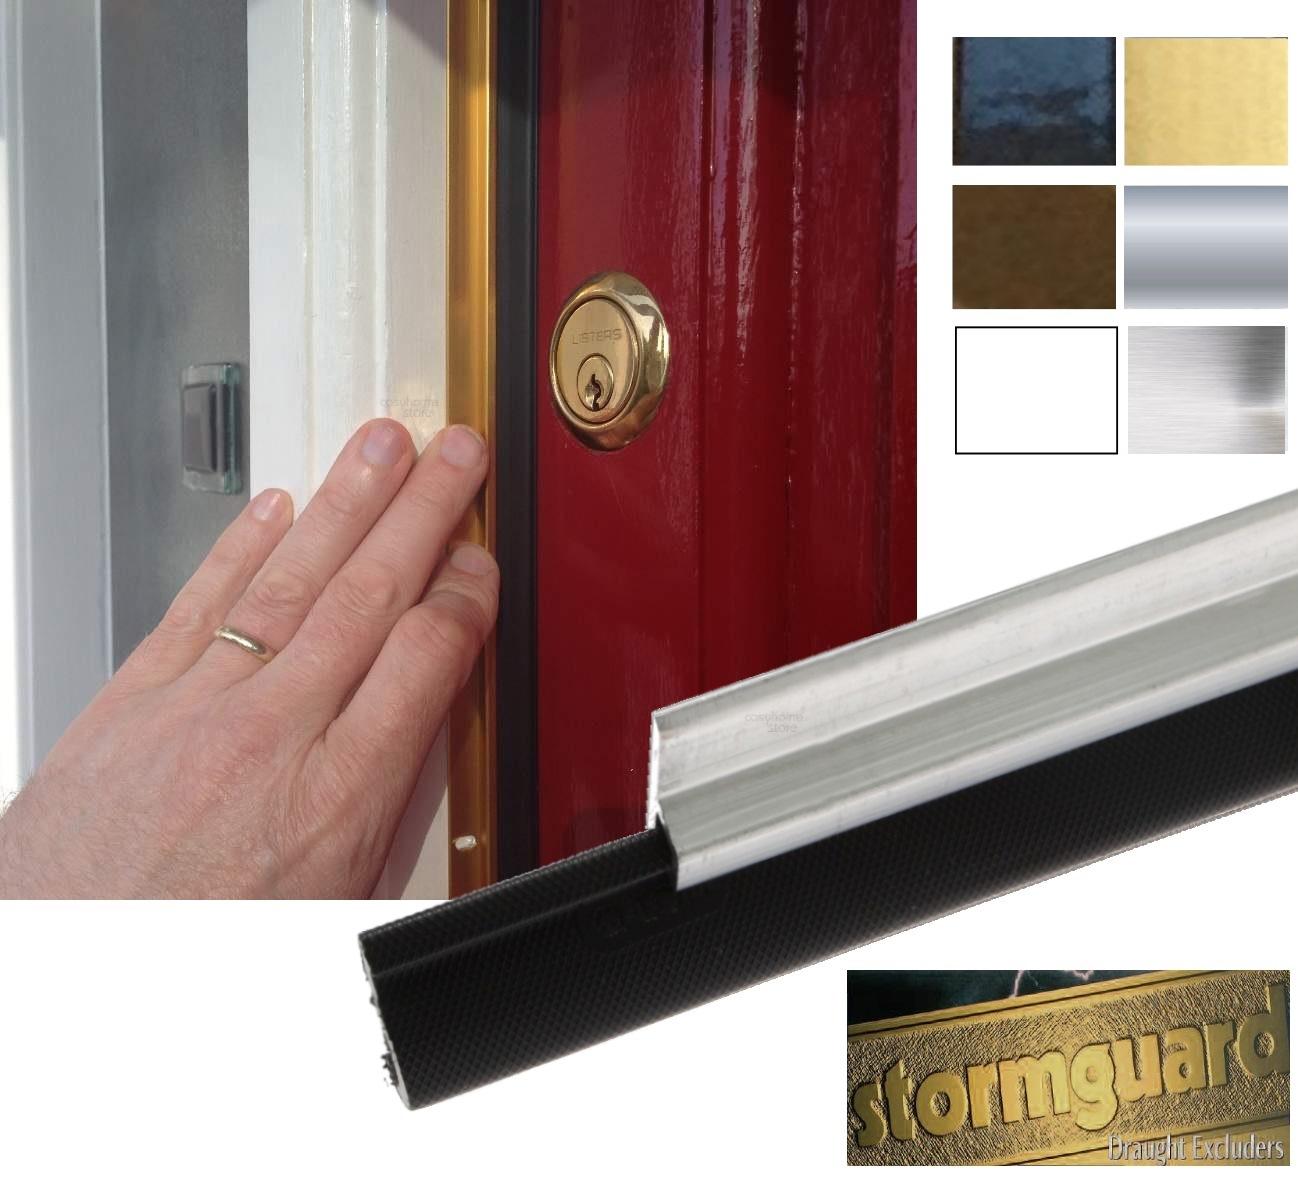 Stormguard around door seal draught proof kit premium q lon 4 1 5 piece ebay for Exterior door draught excluder